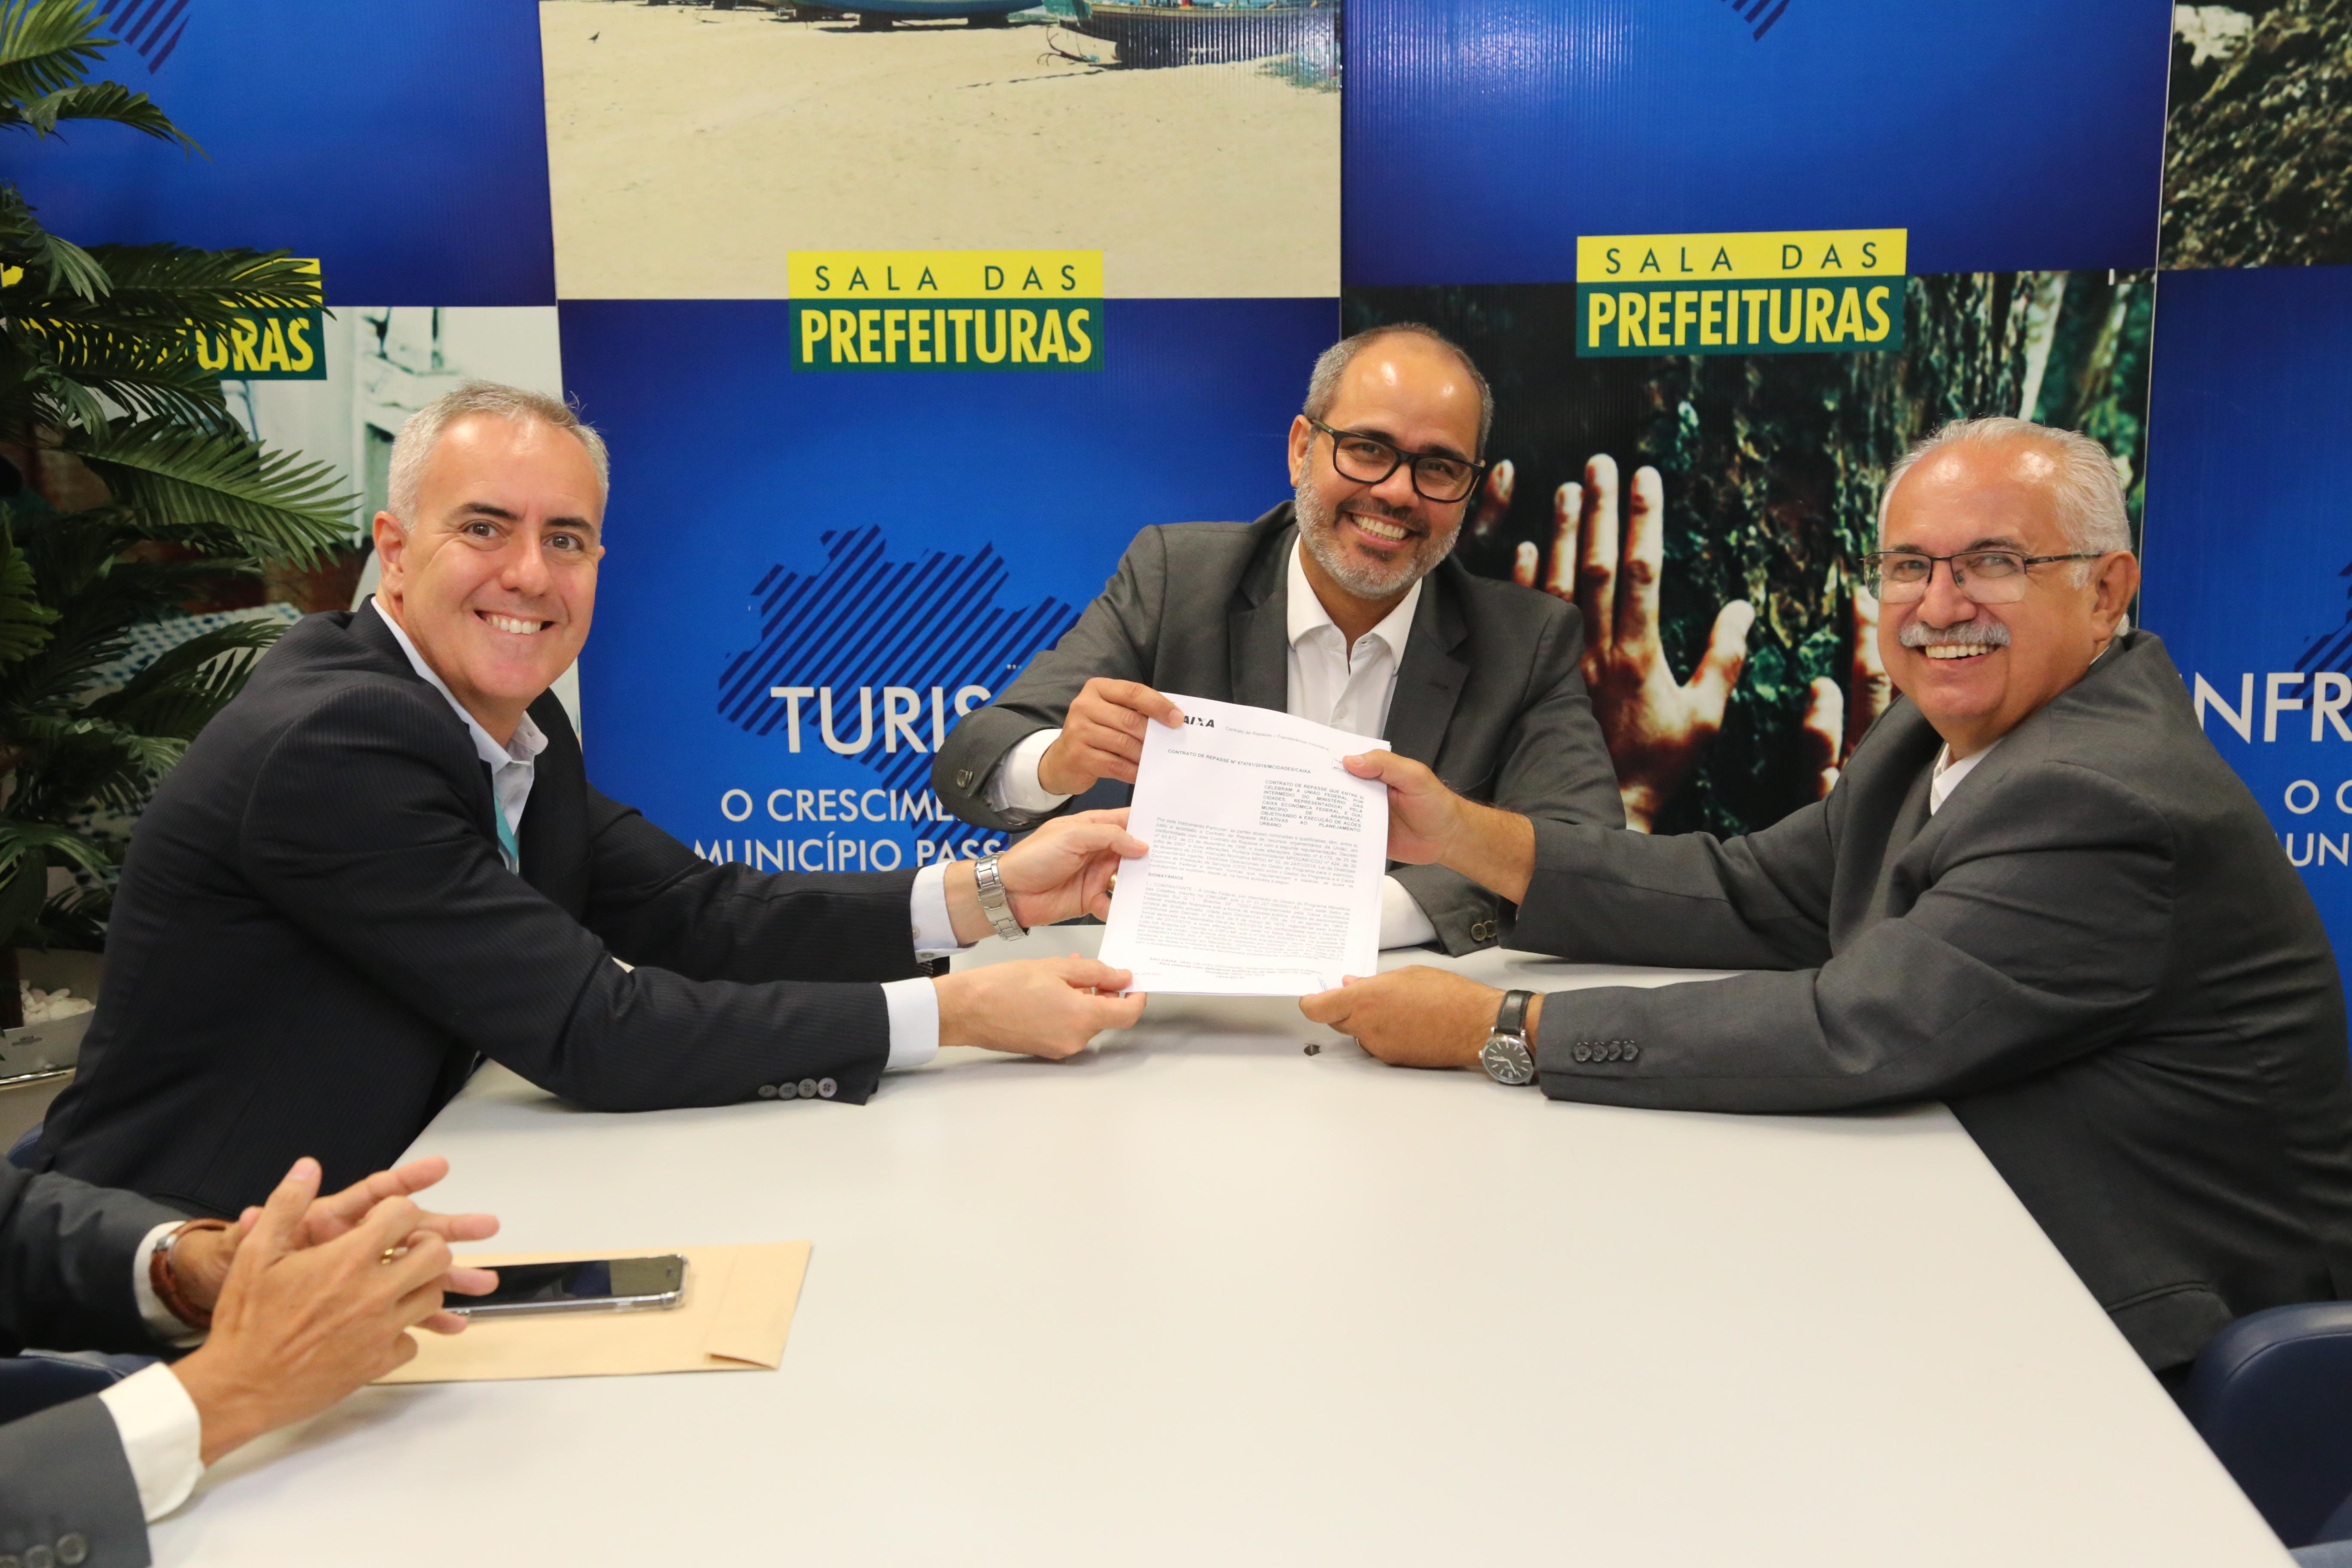 Prefeitura assina contratos de R$ 58 milhões para pavimentação e drenagem de ruas